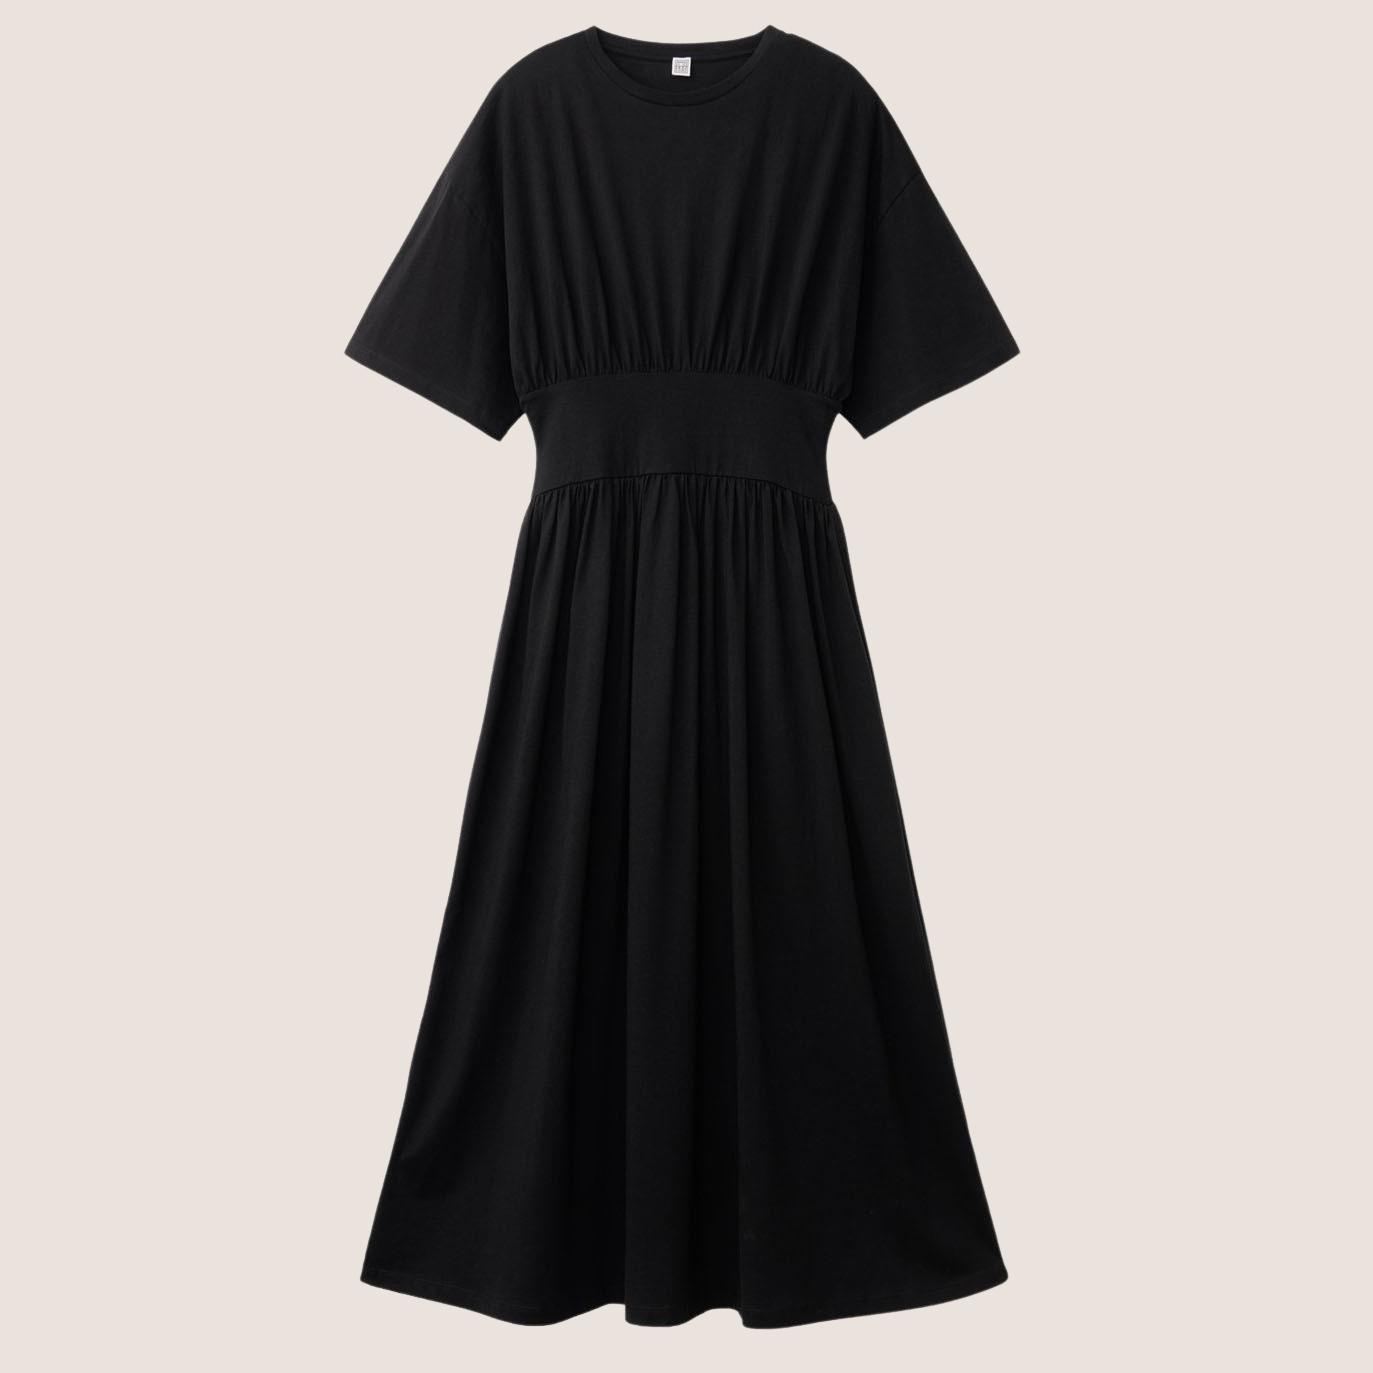 Cotten Tee Dress